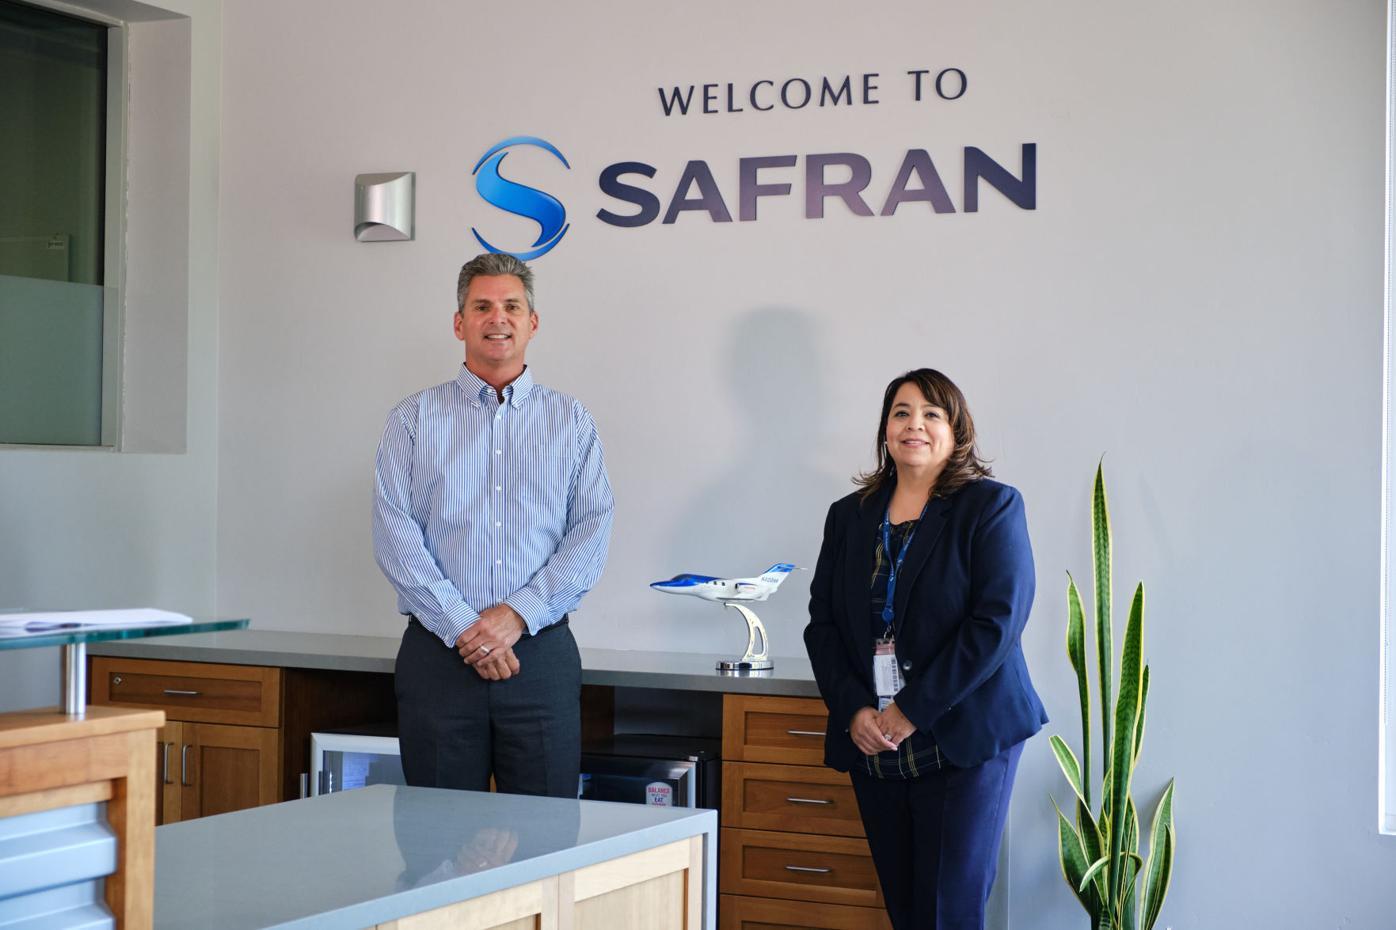 SafranCabin004.jpg